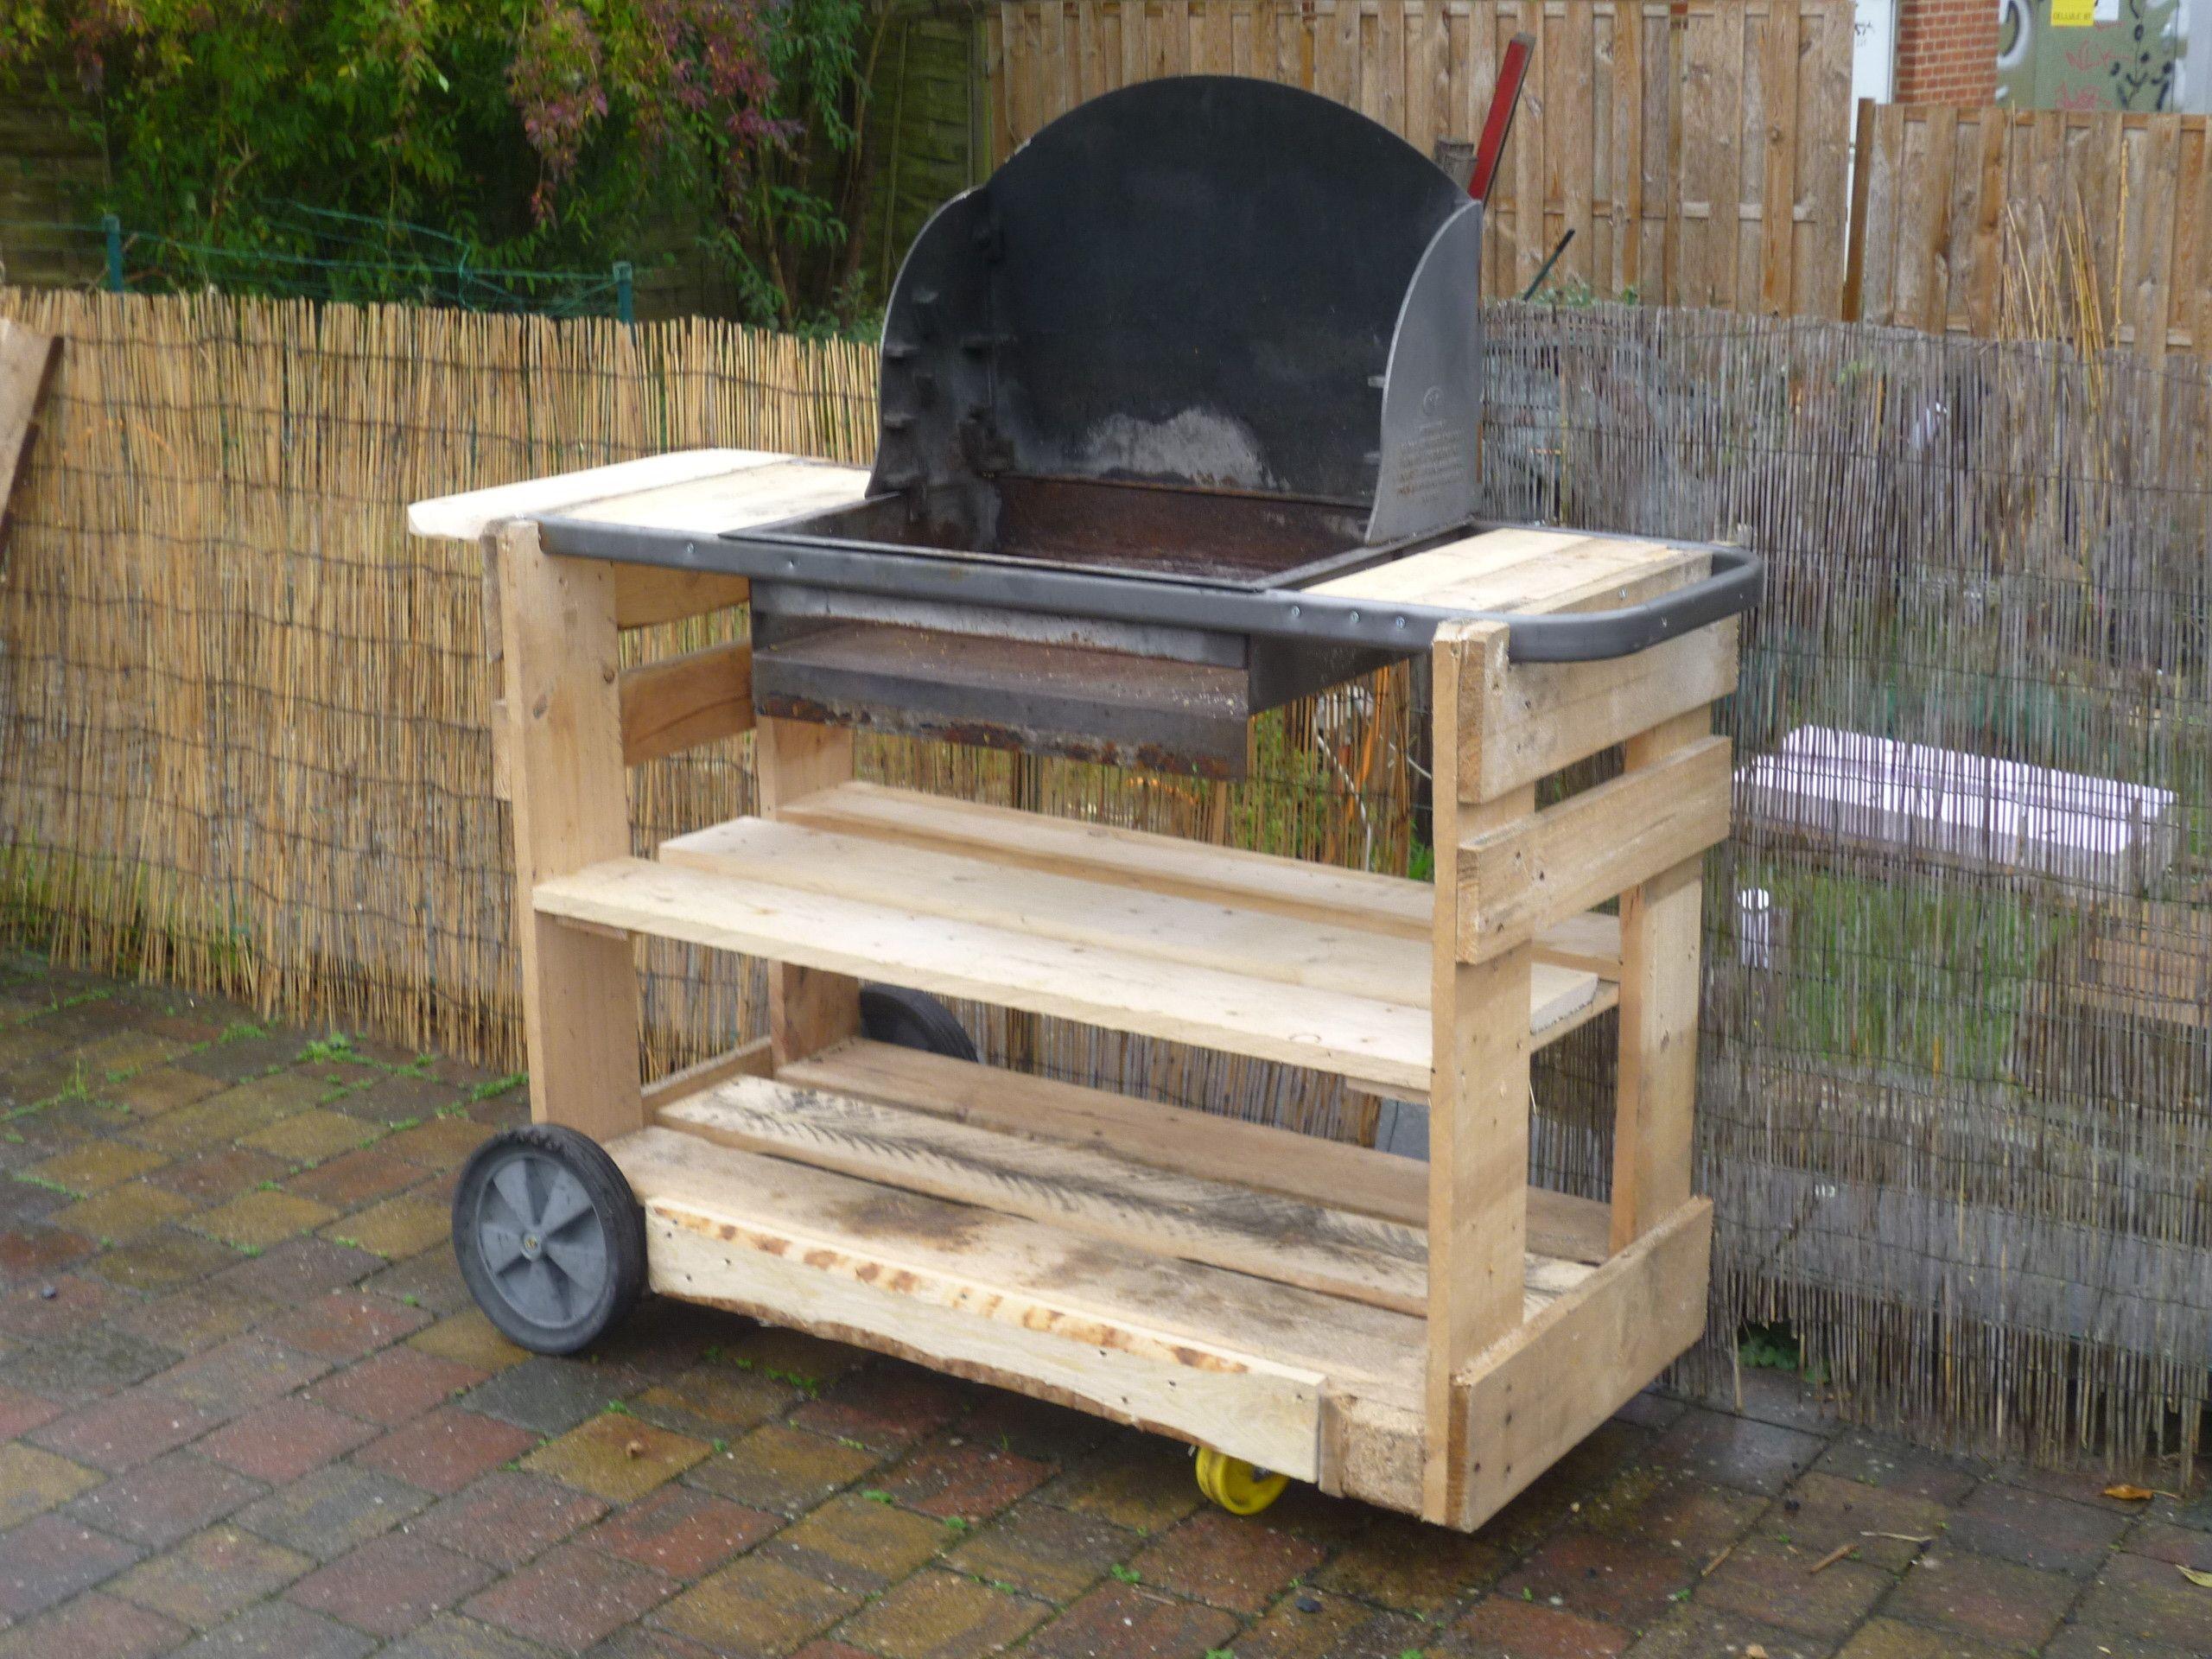 Complete Pallet Garden Set Pallet Ideas 1001 Pallets: My New Pallet Bbq / Mon Nouveau Barbecue